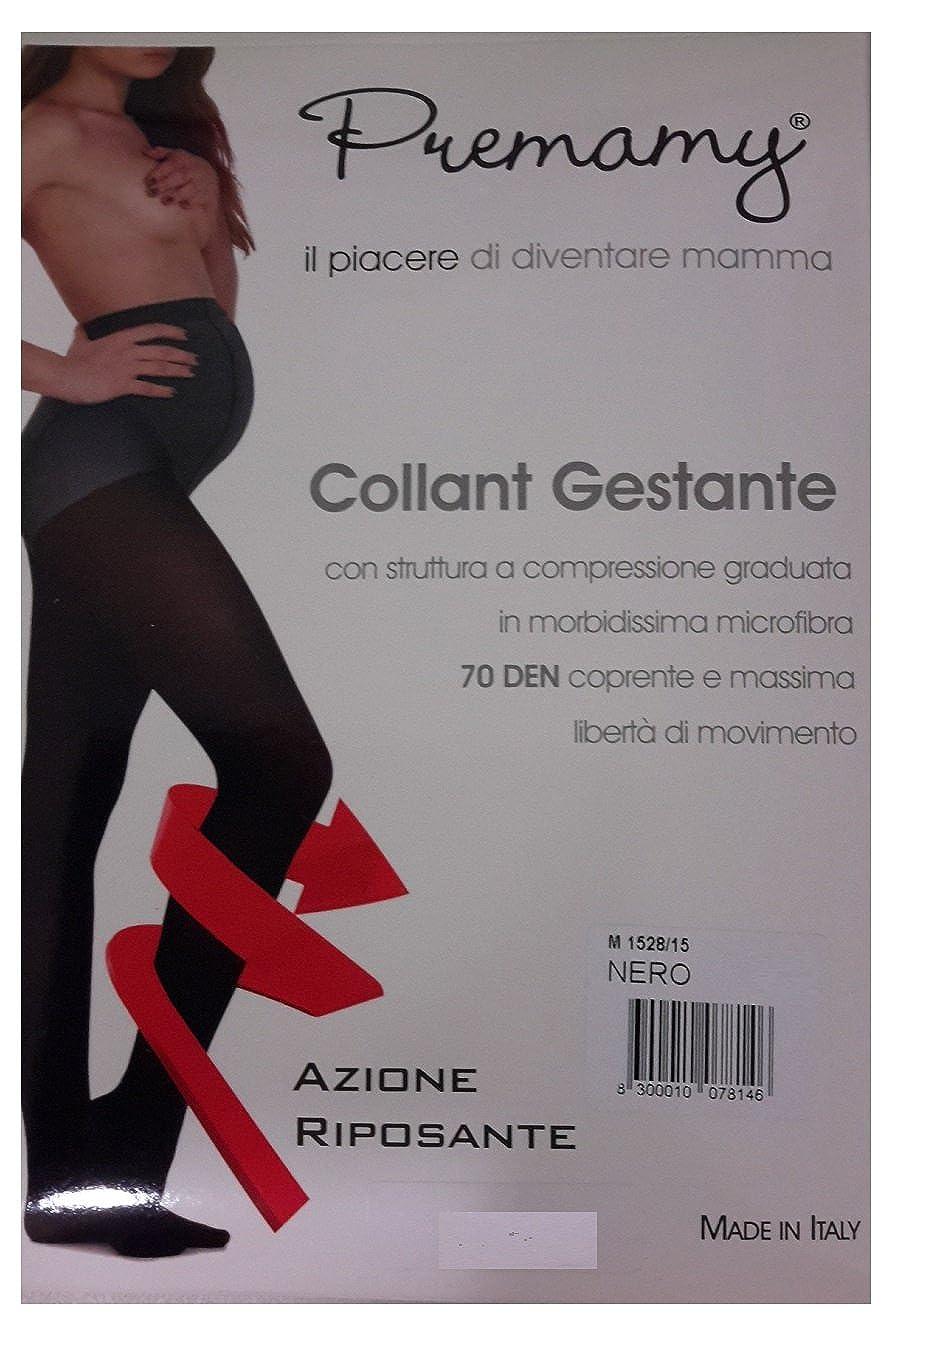 Premamy COLLANT GESTANTE 70 DEN. MICROFIBRA AZIONE RIPOSANTE COL.GRIGIO ANTRACITE TG 5L 1528/46